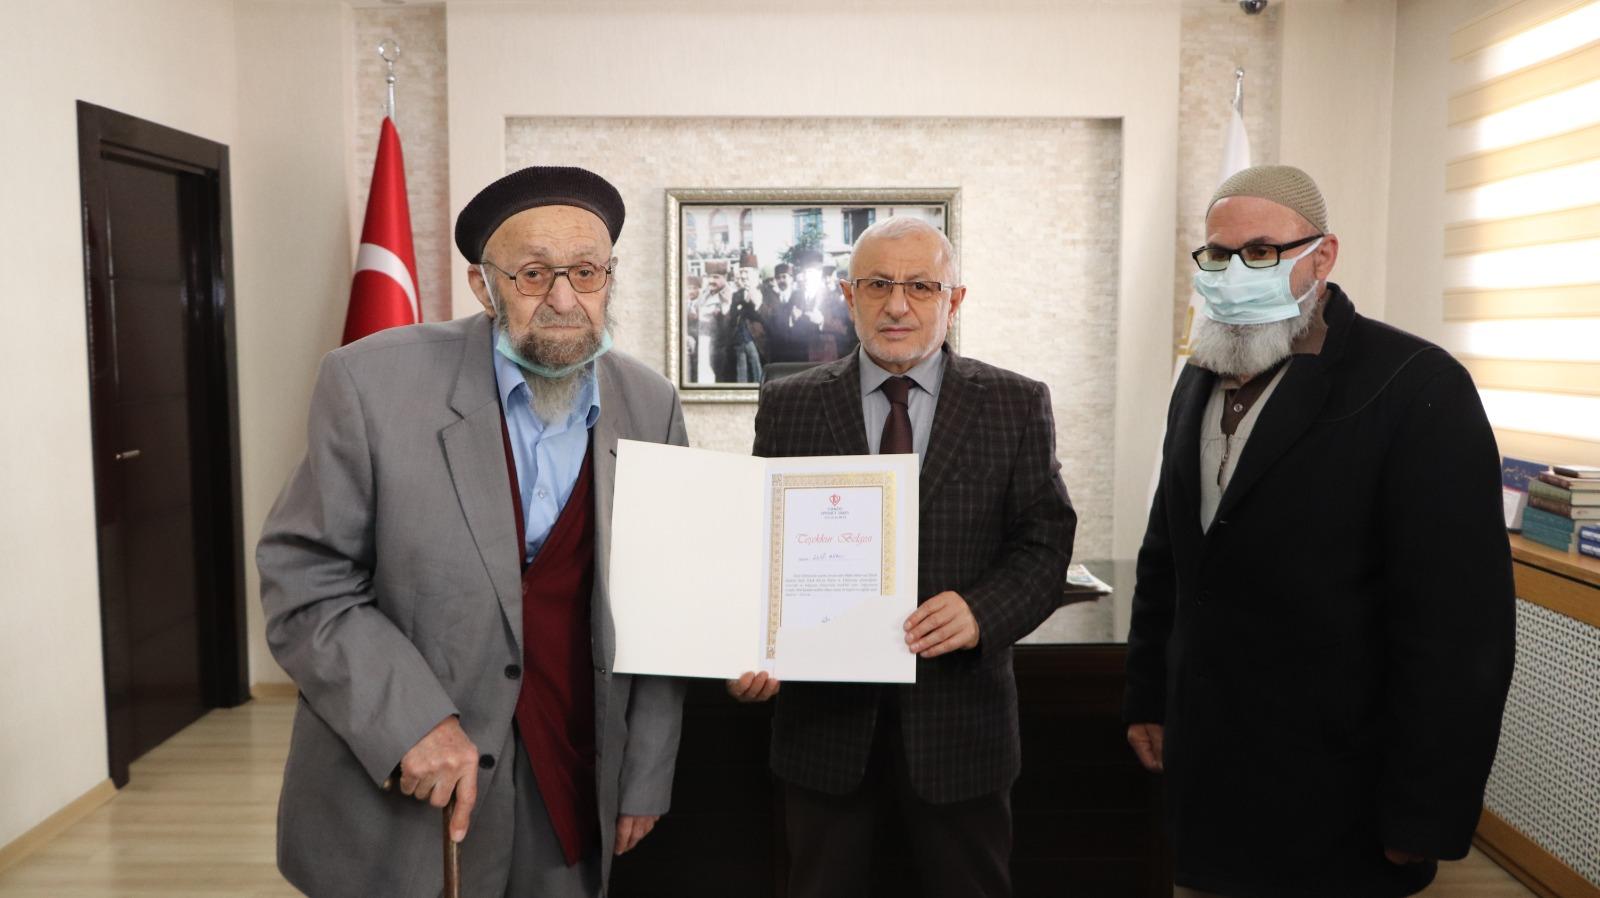 Akdağmaden'inde  Yaşayan Hayırsever Abacı, Merkez Cami ve Külliyesi İnşaatına Yardım Yapmak İçin Sivas'a Geldi